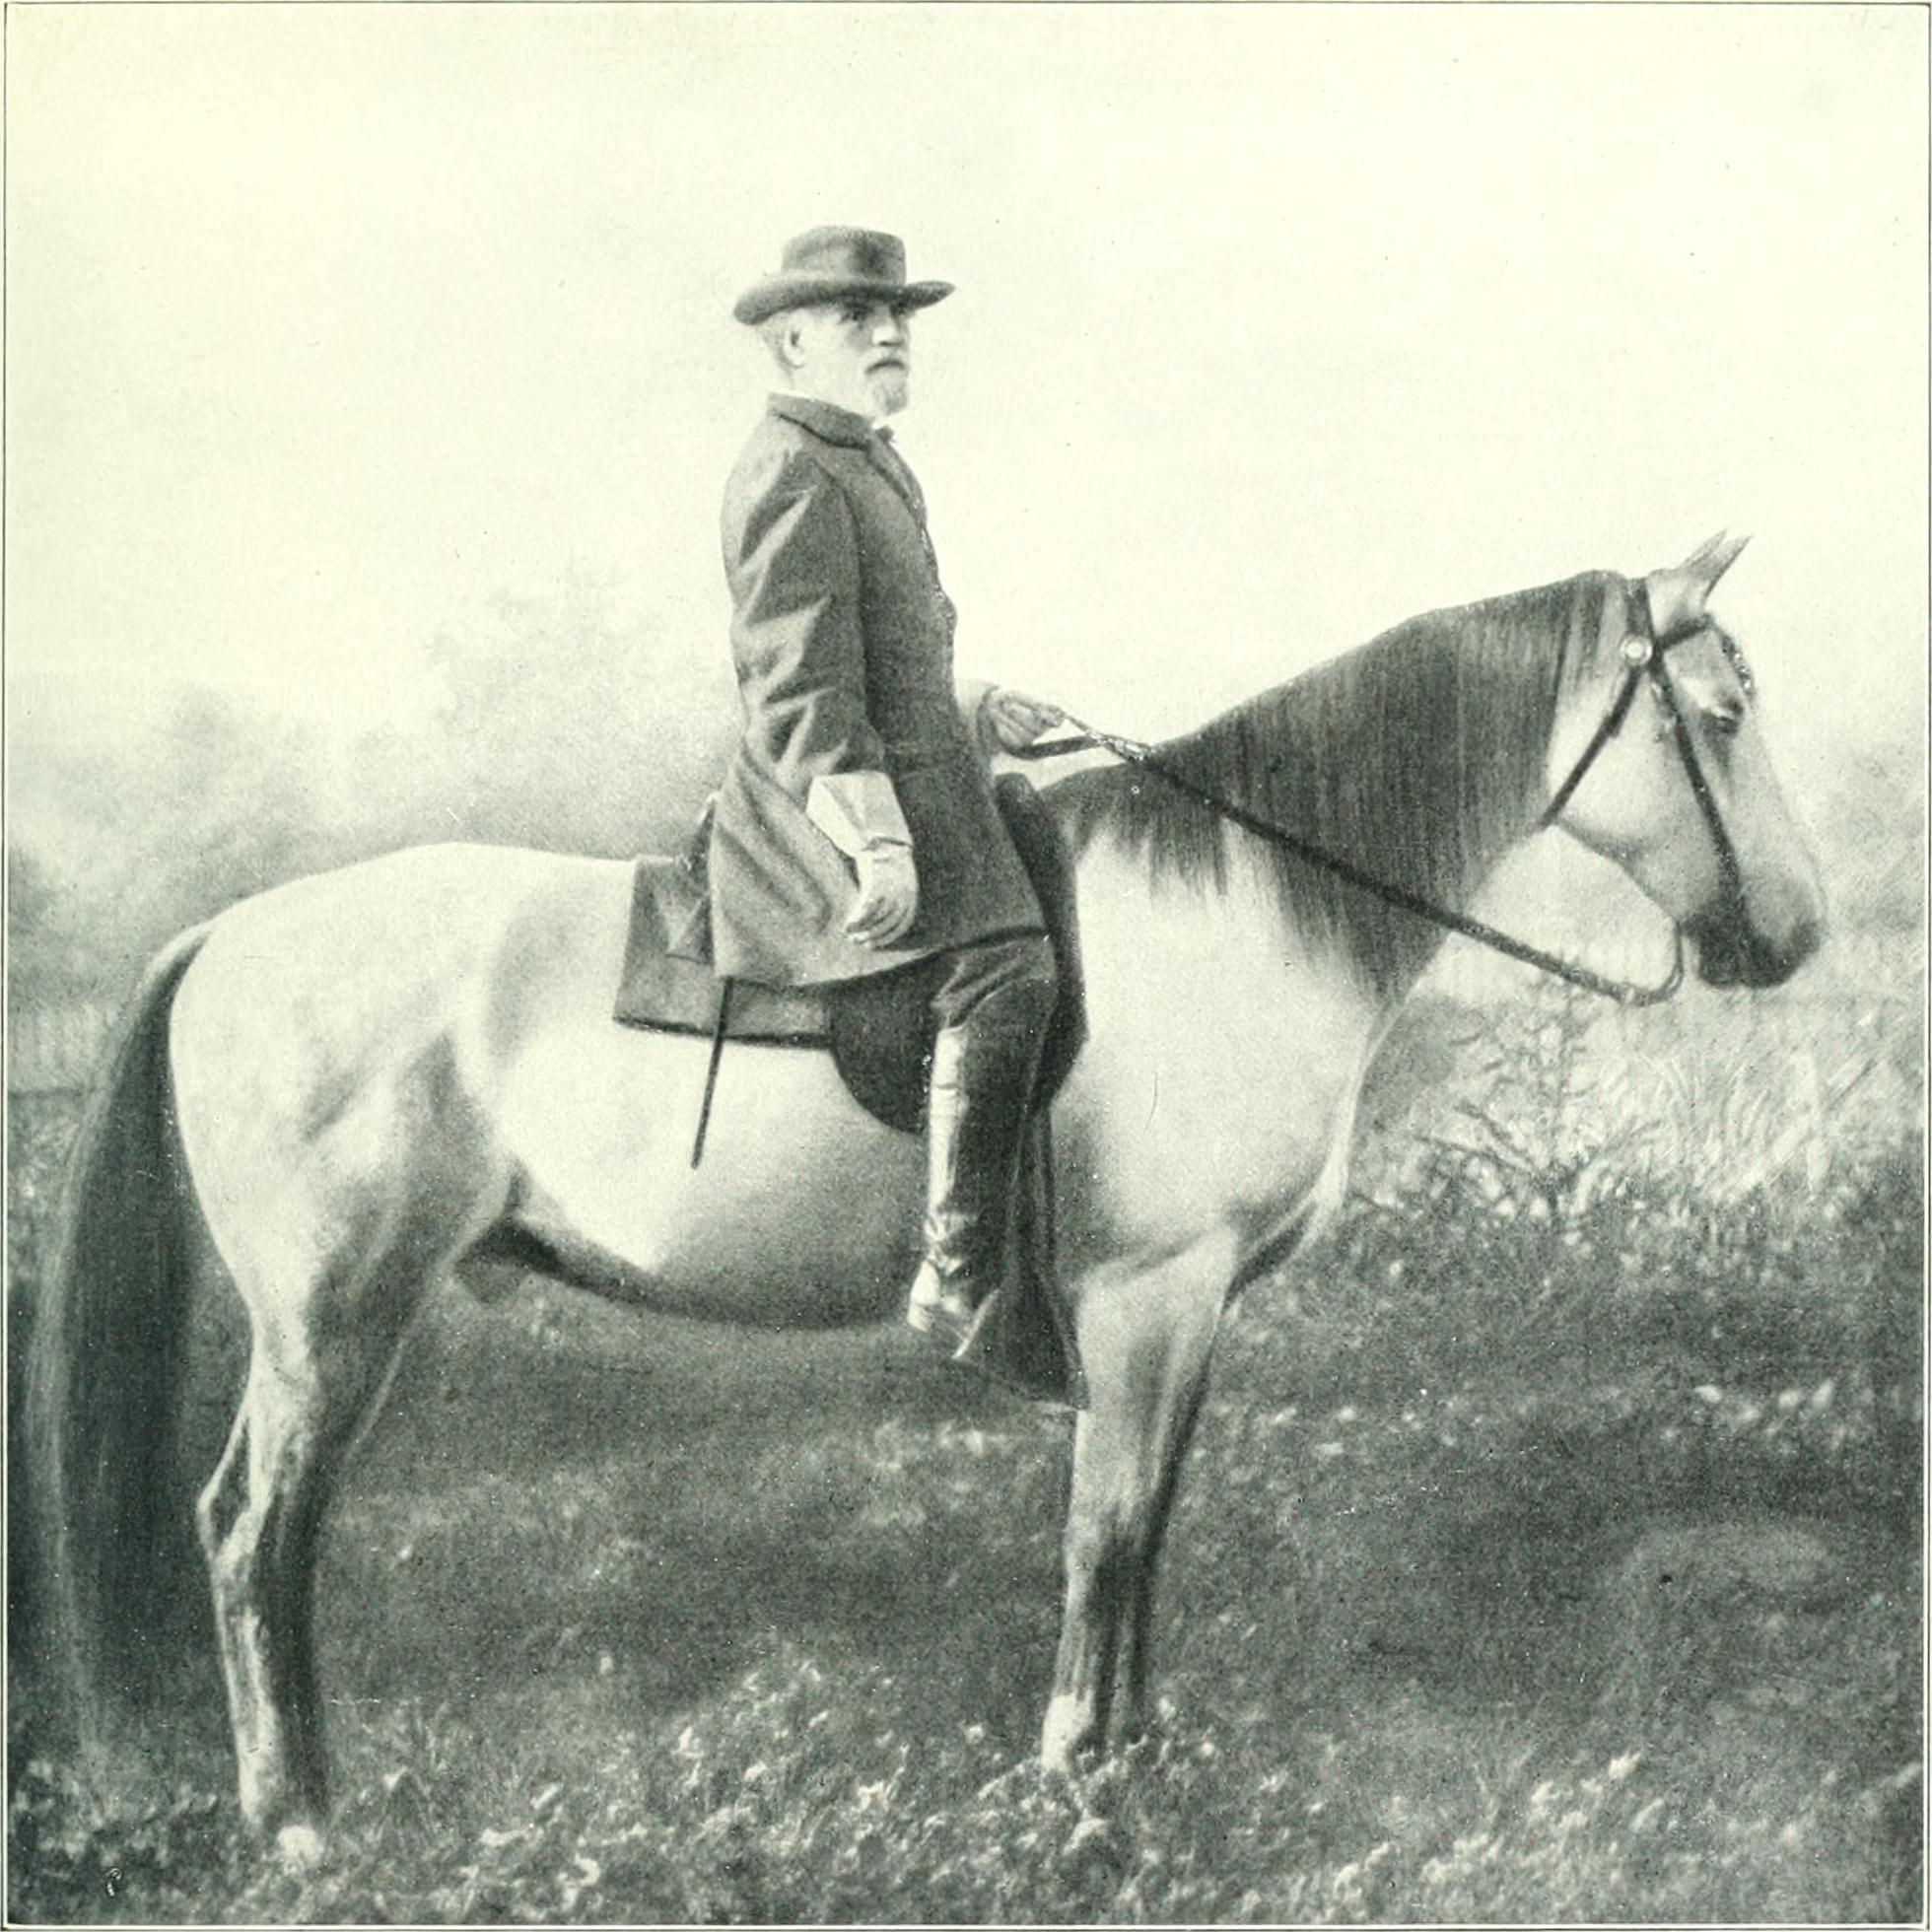 28 Traveller Robert E Lee famoys white horse